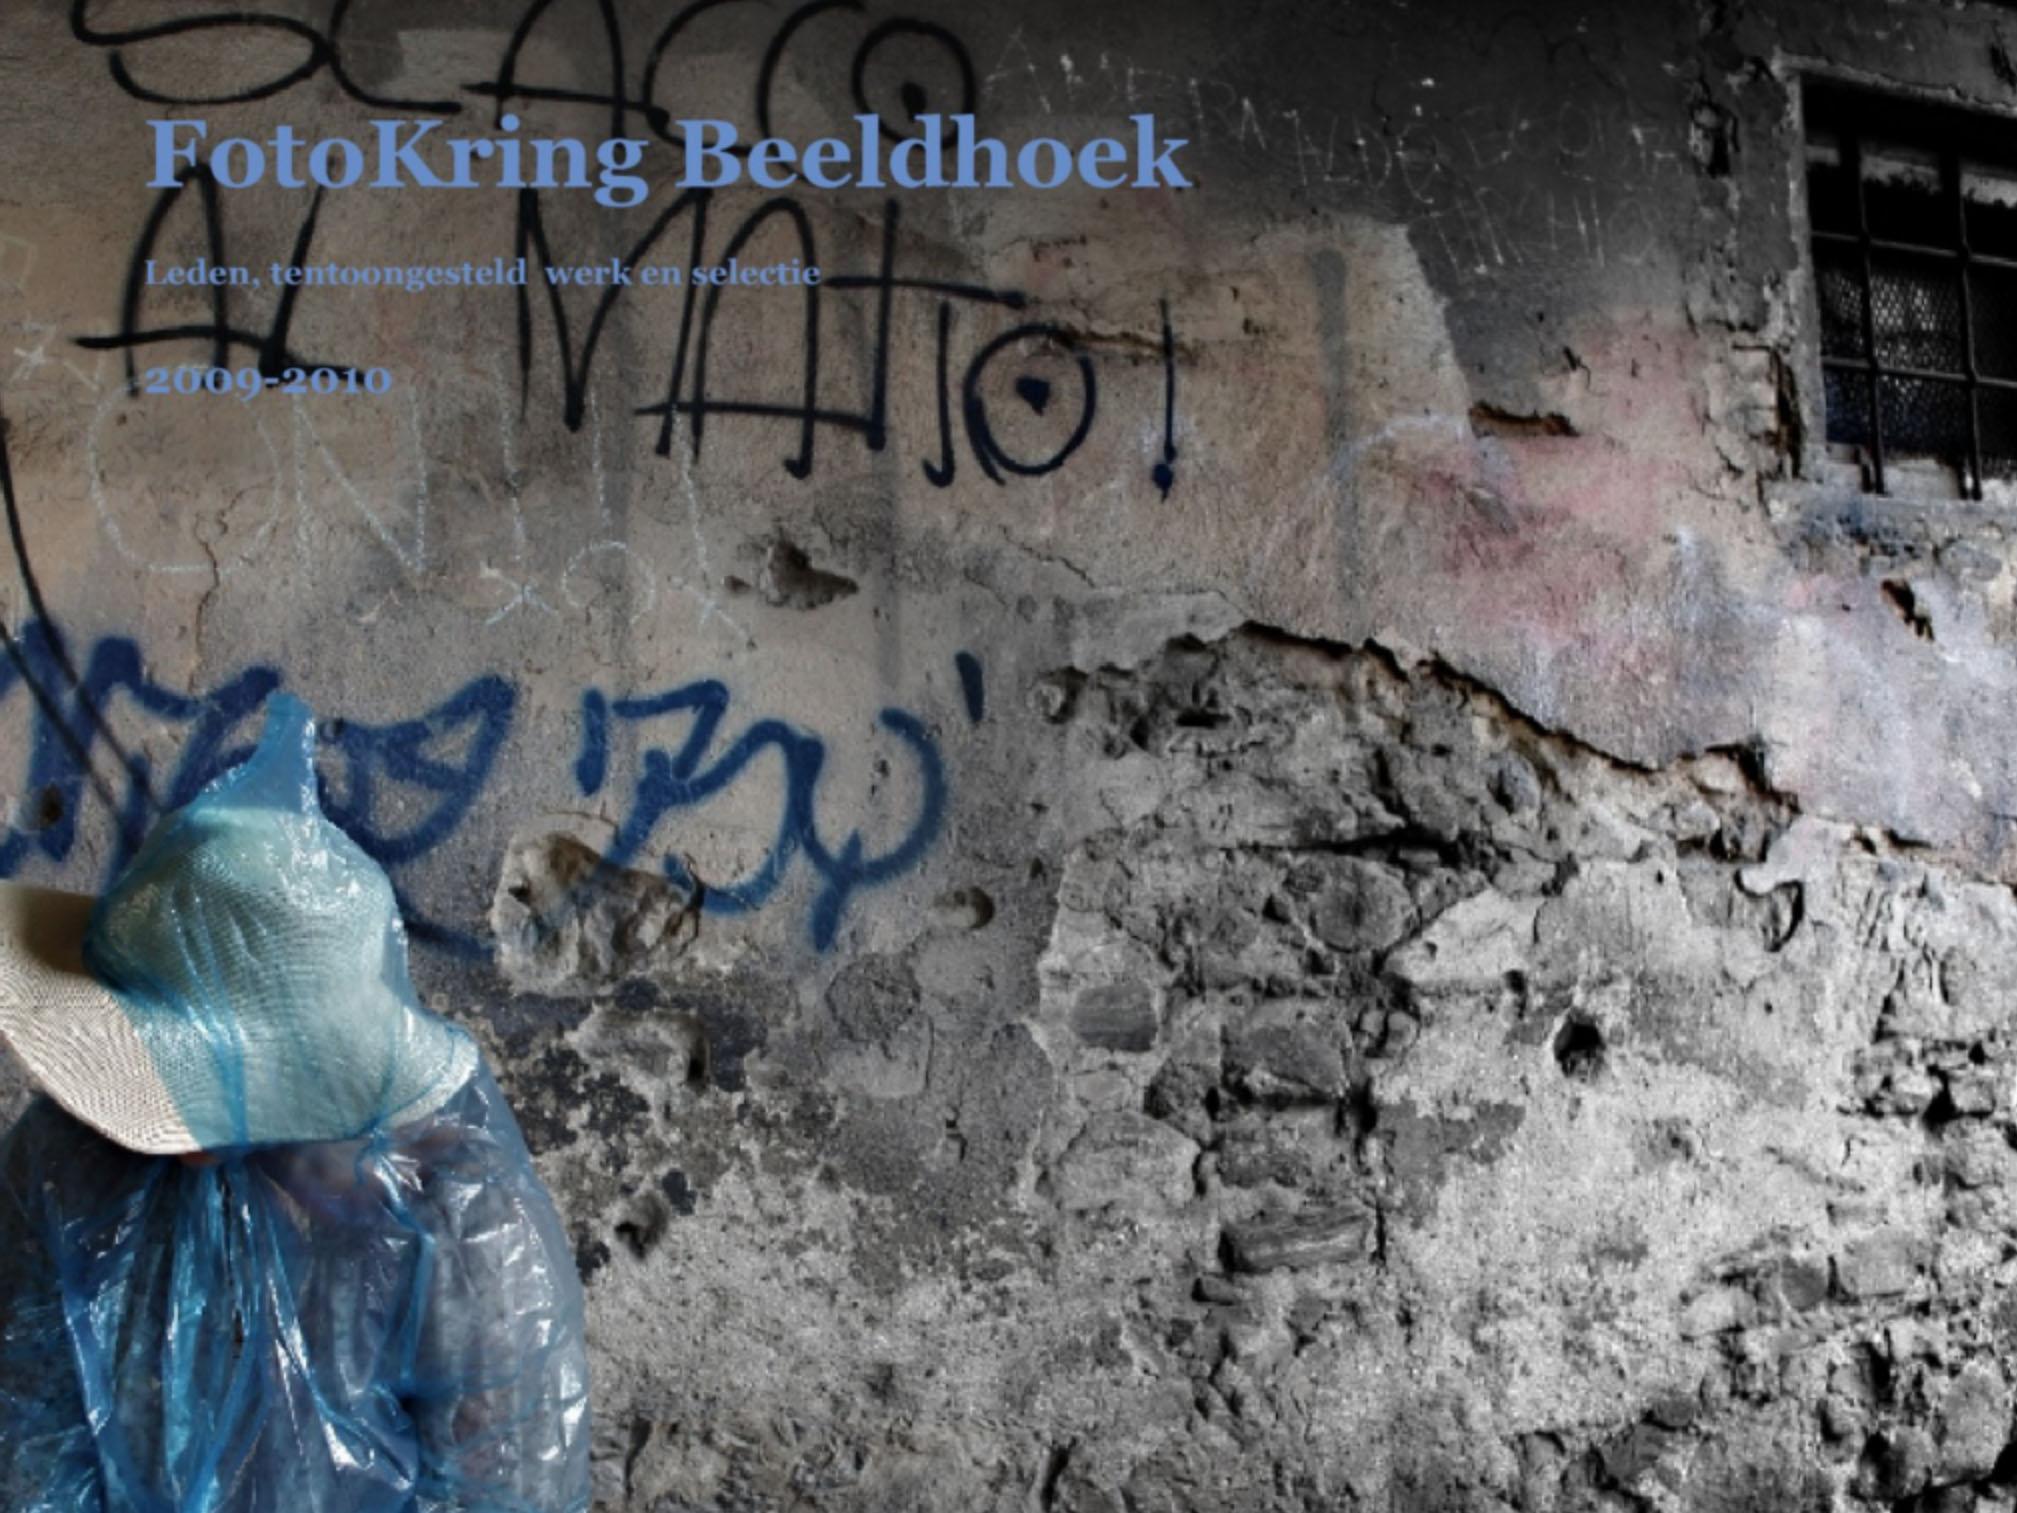 Fotoboek 2009-2010 Fotokring Beeldhoek